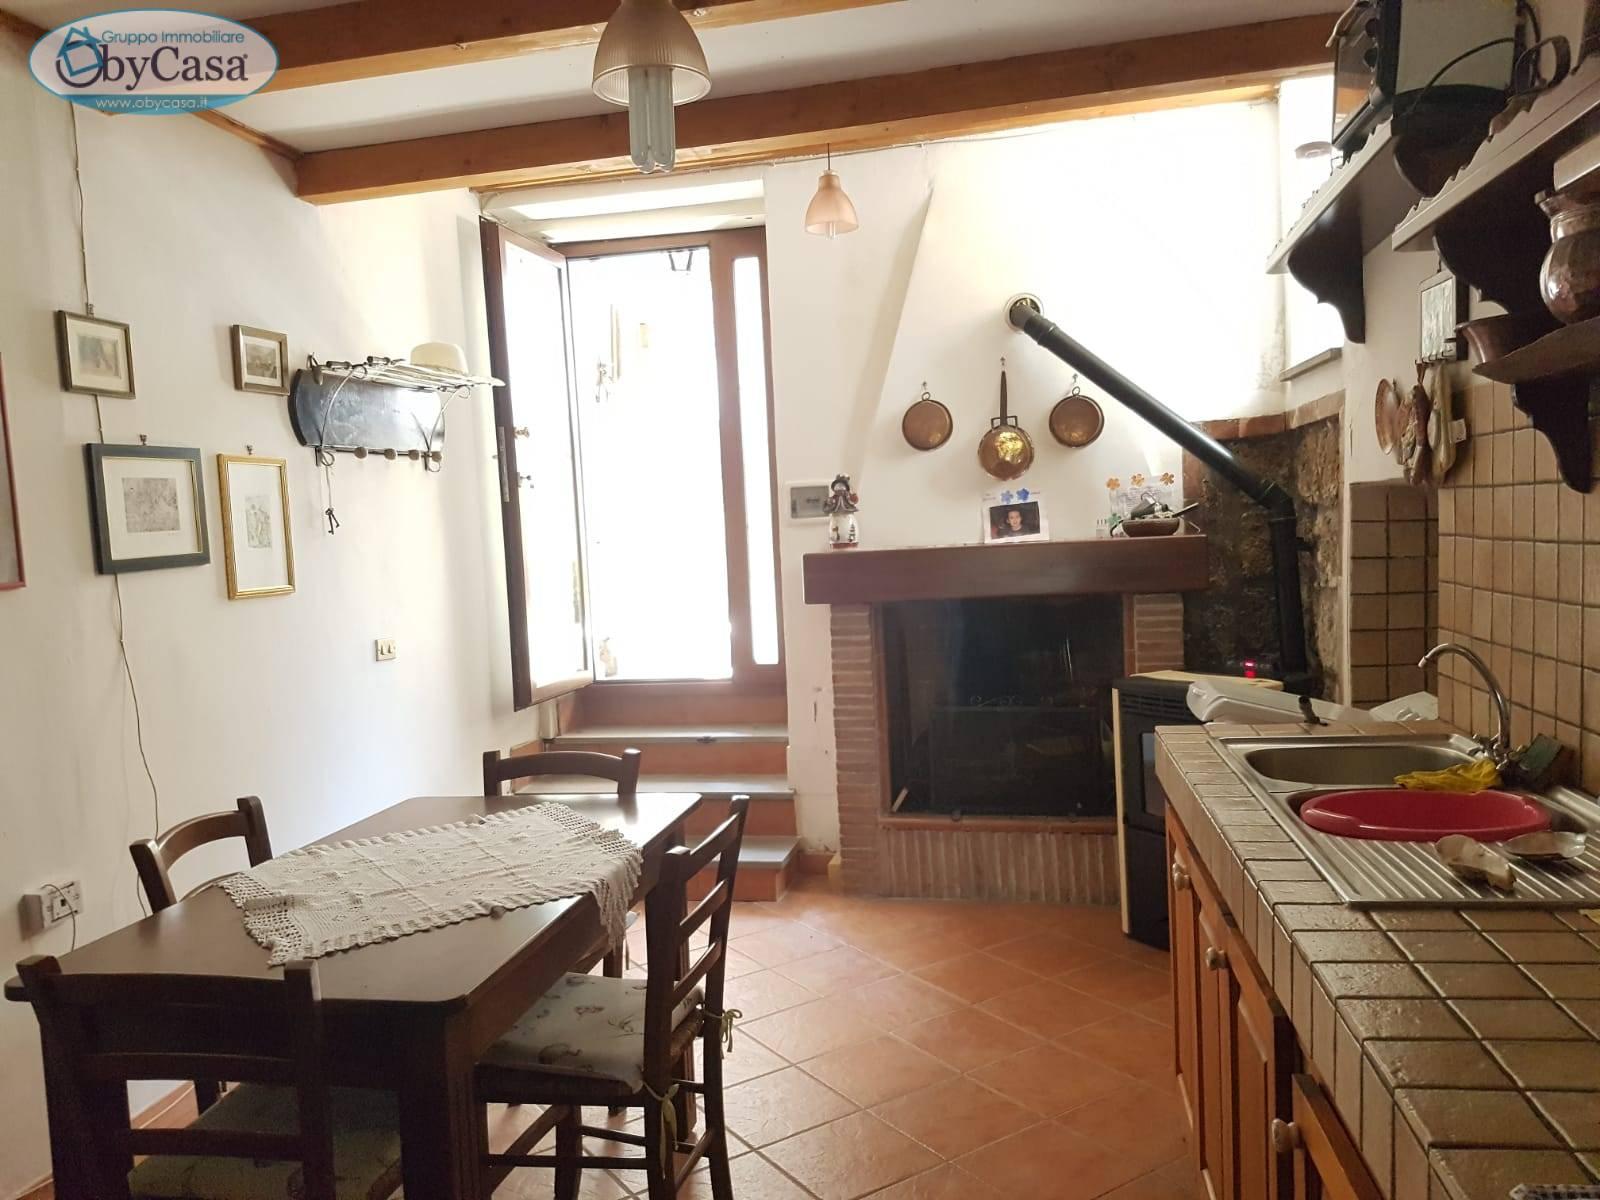 Appartamento in vendita a Bassano Romano, 3 locali, prezzo € 35.000 | CambioCasa.it